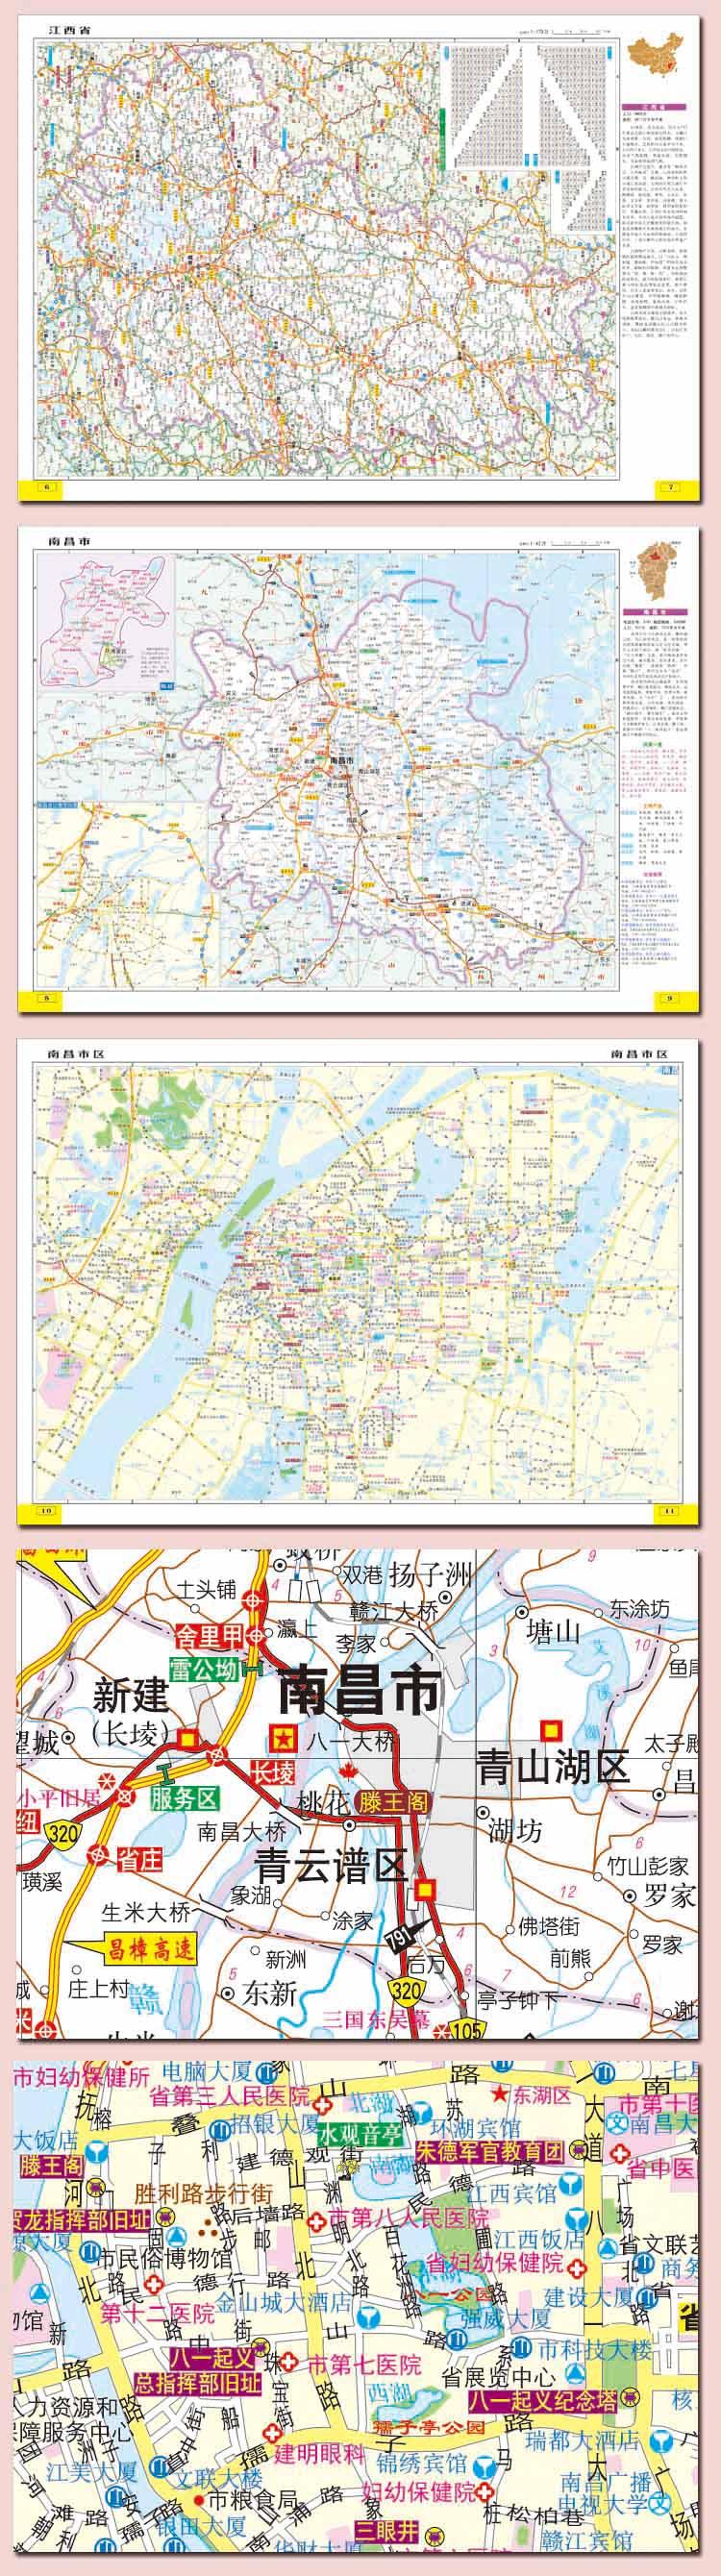 上饶市 城区规划图